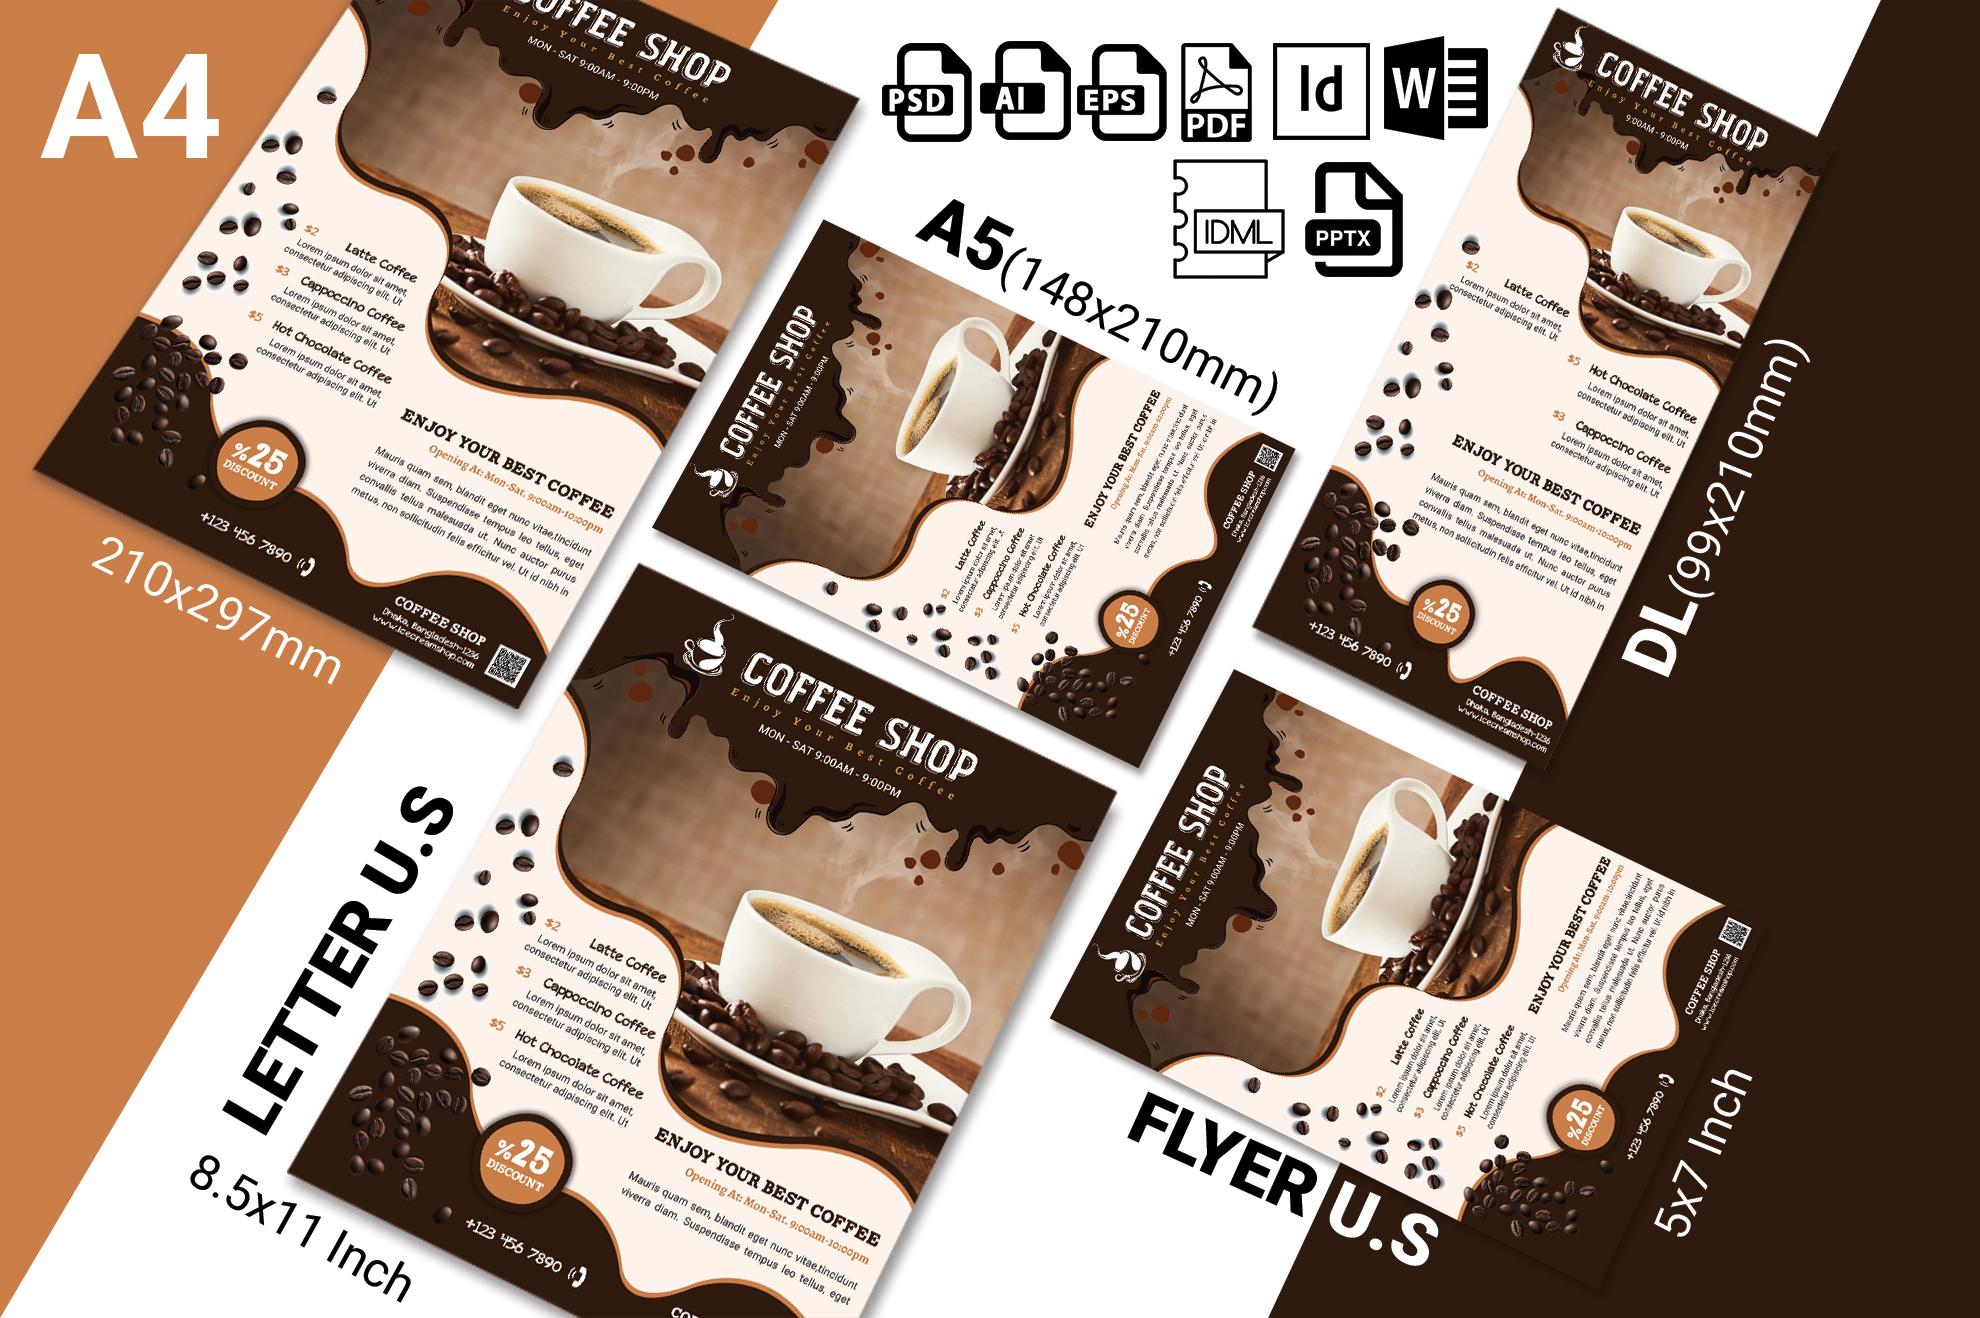 Coffee Shop Flyer Vol-02 example image 2